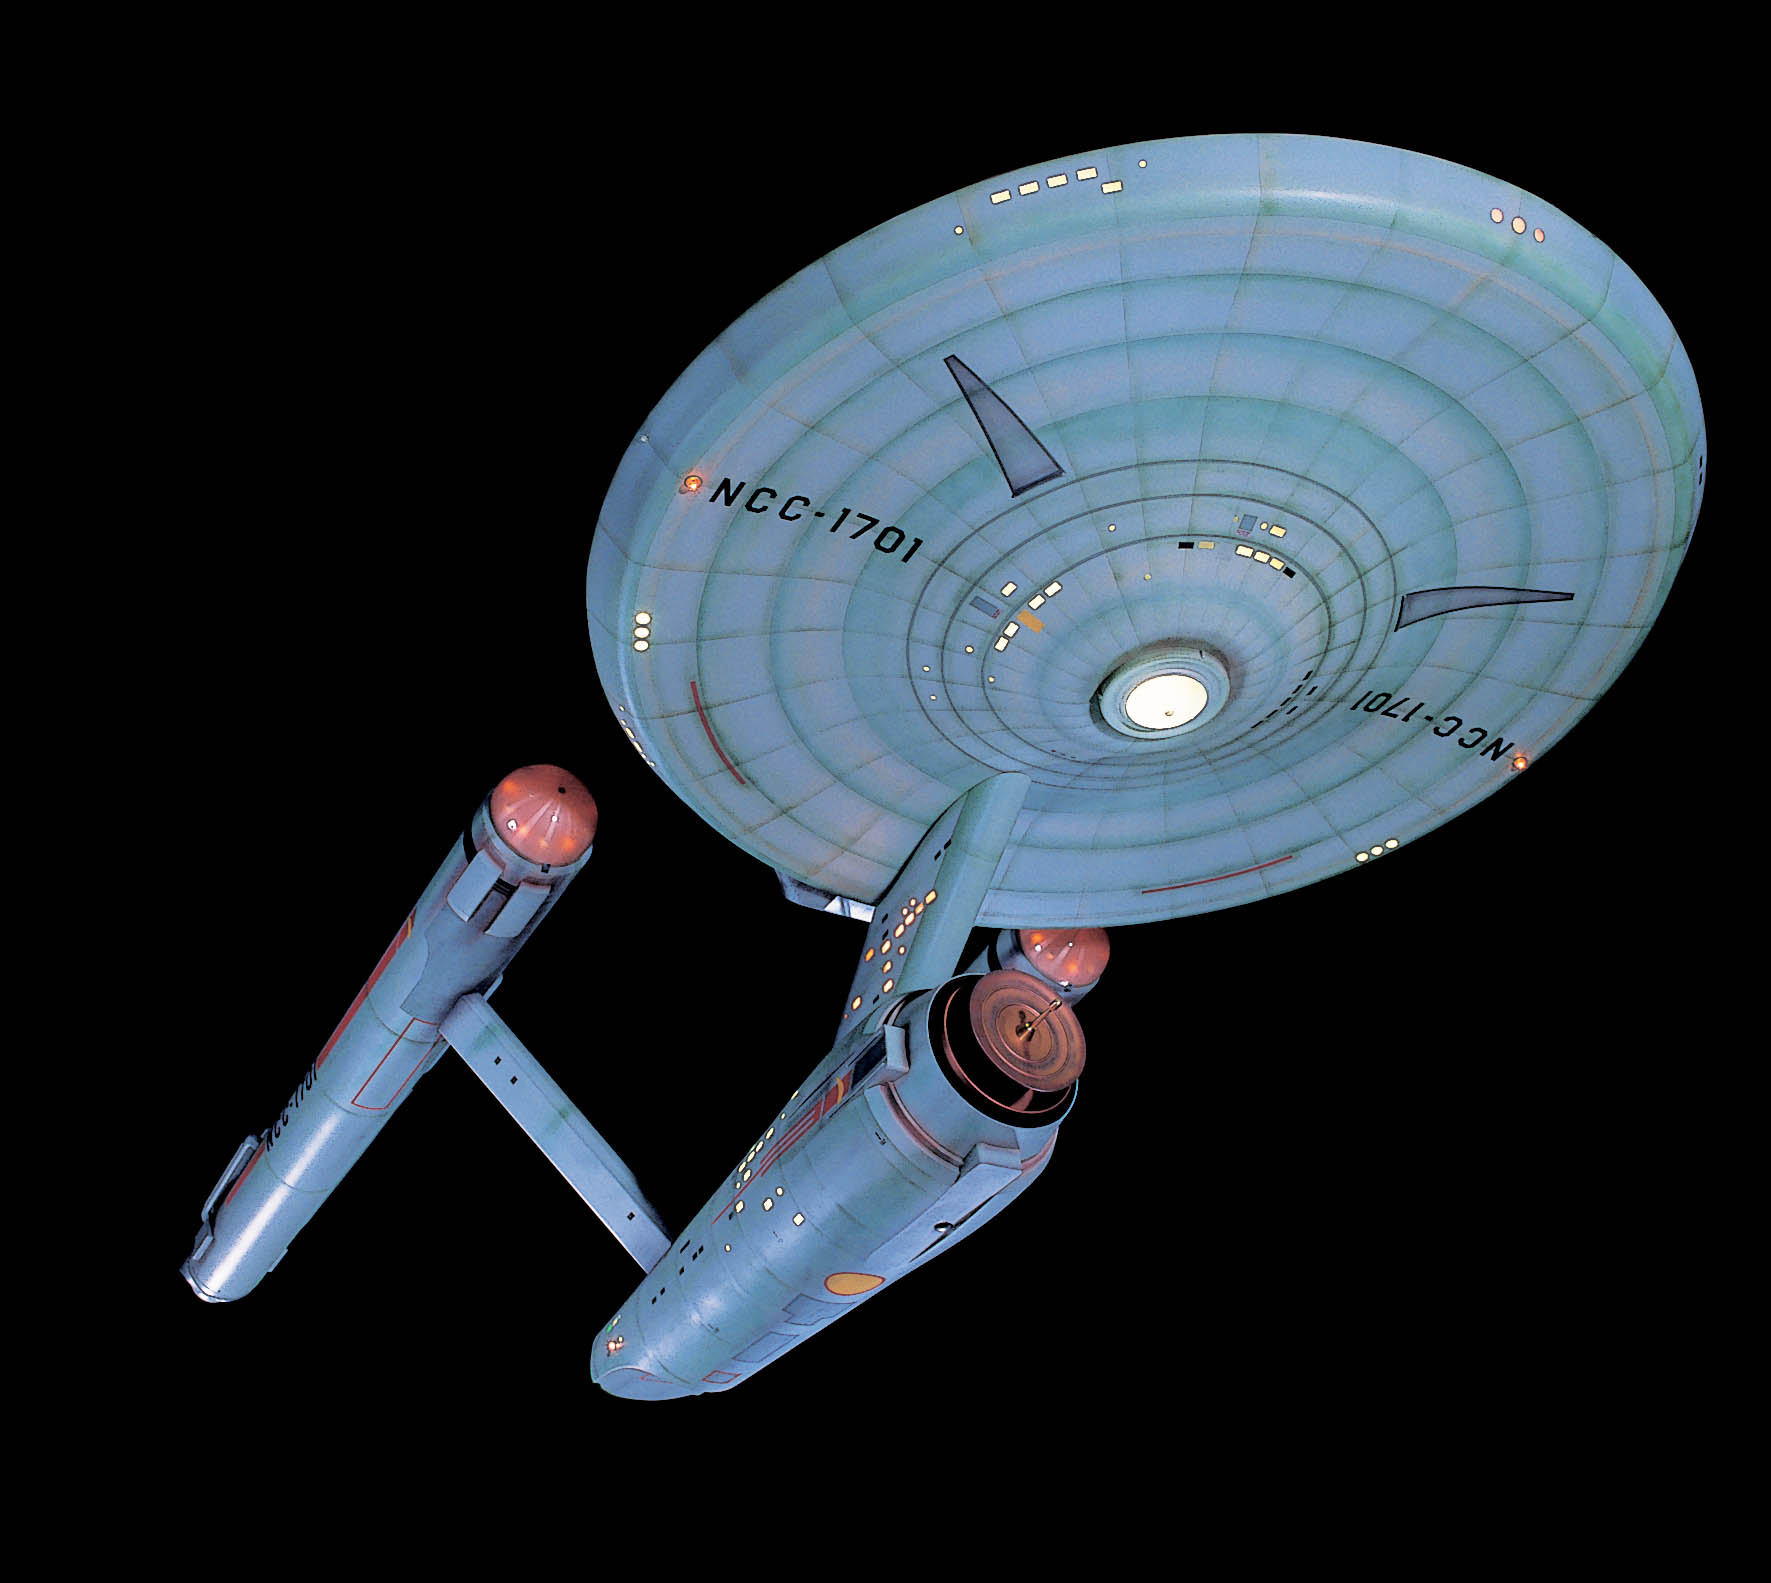 The Starship Enterprise from Star Trek